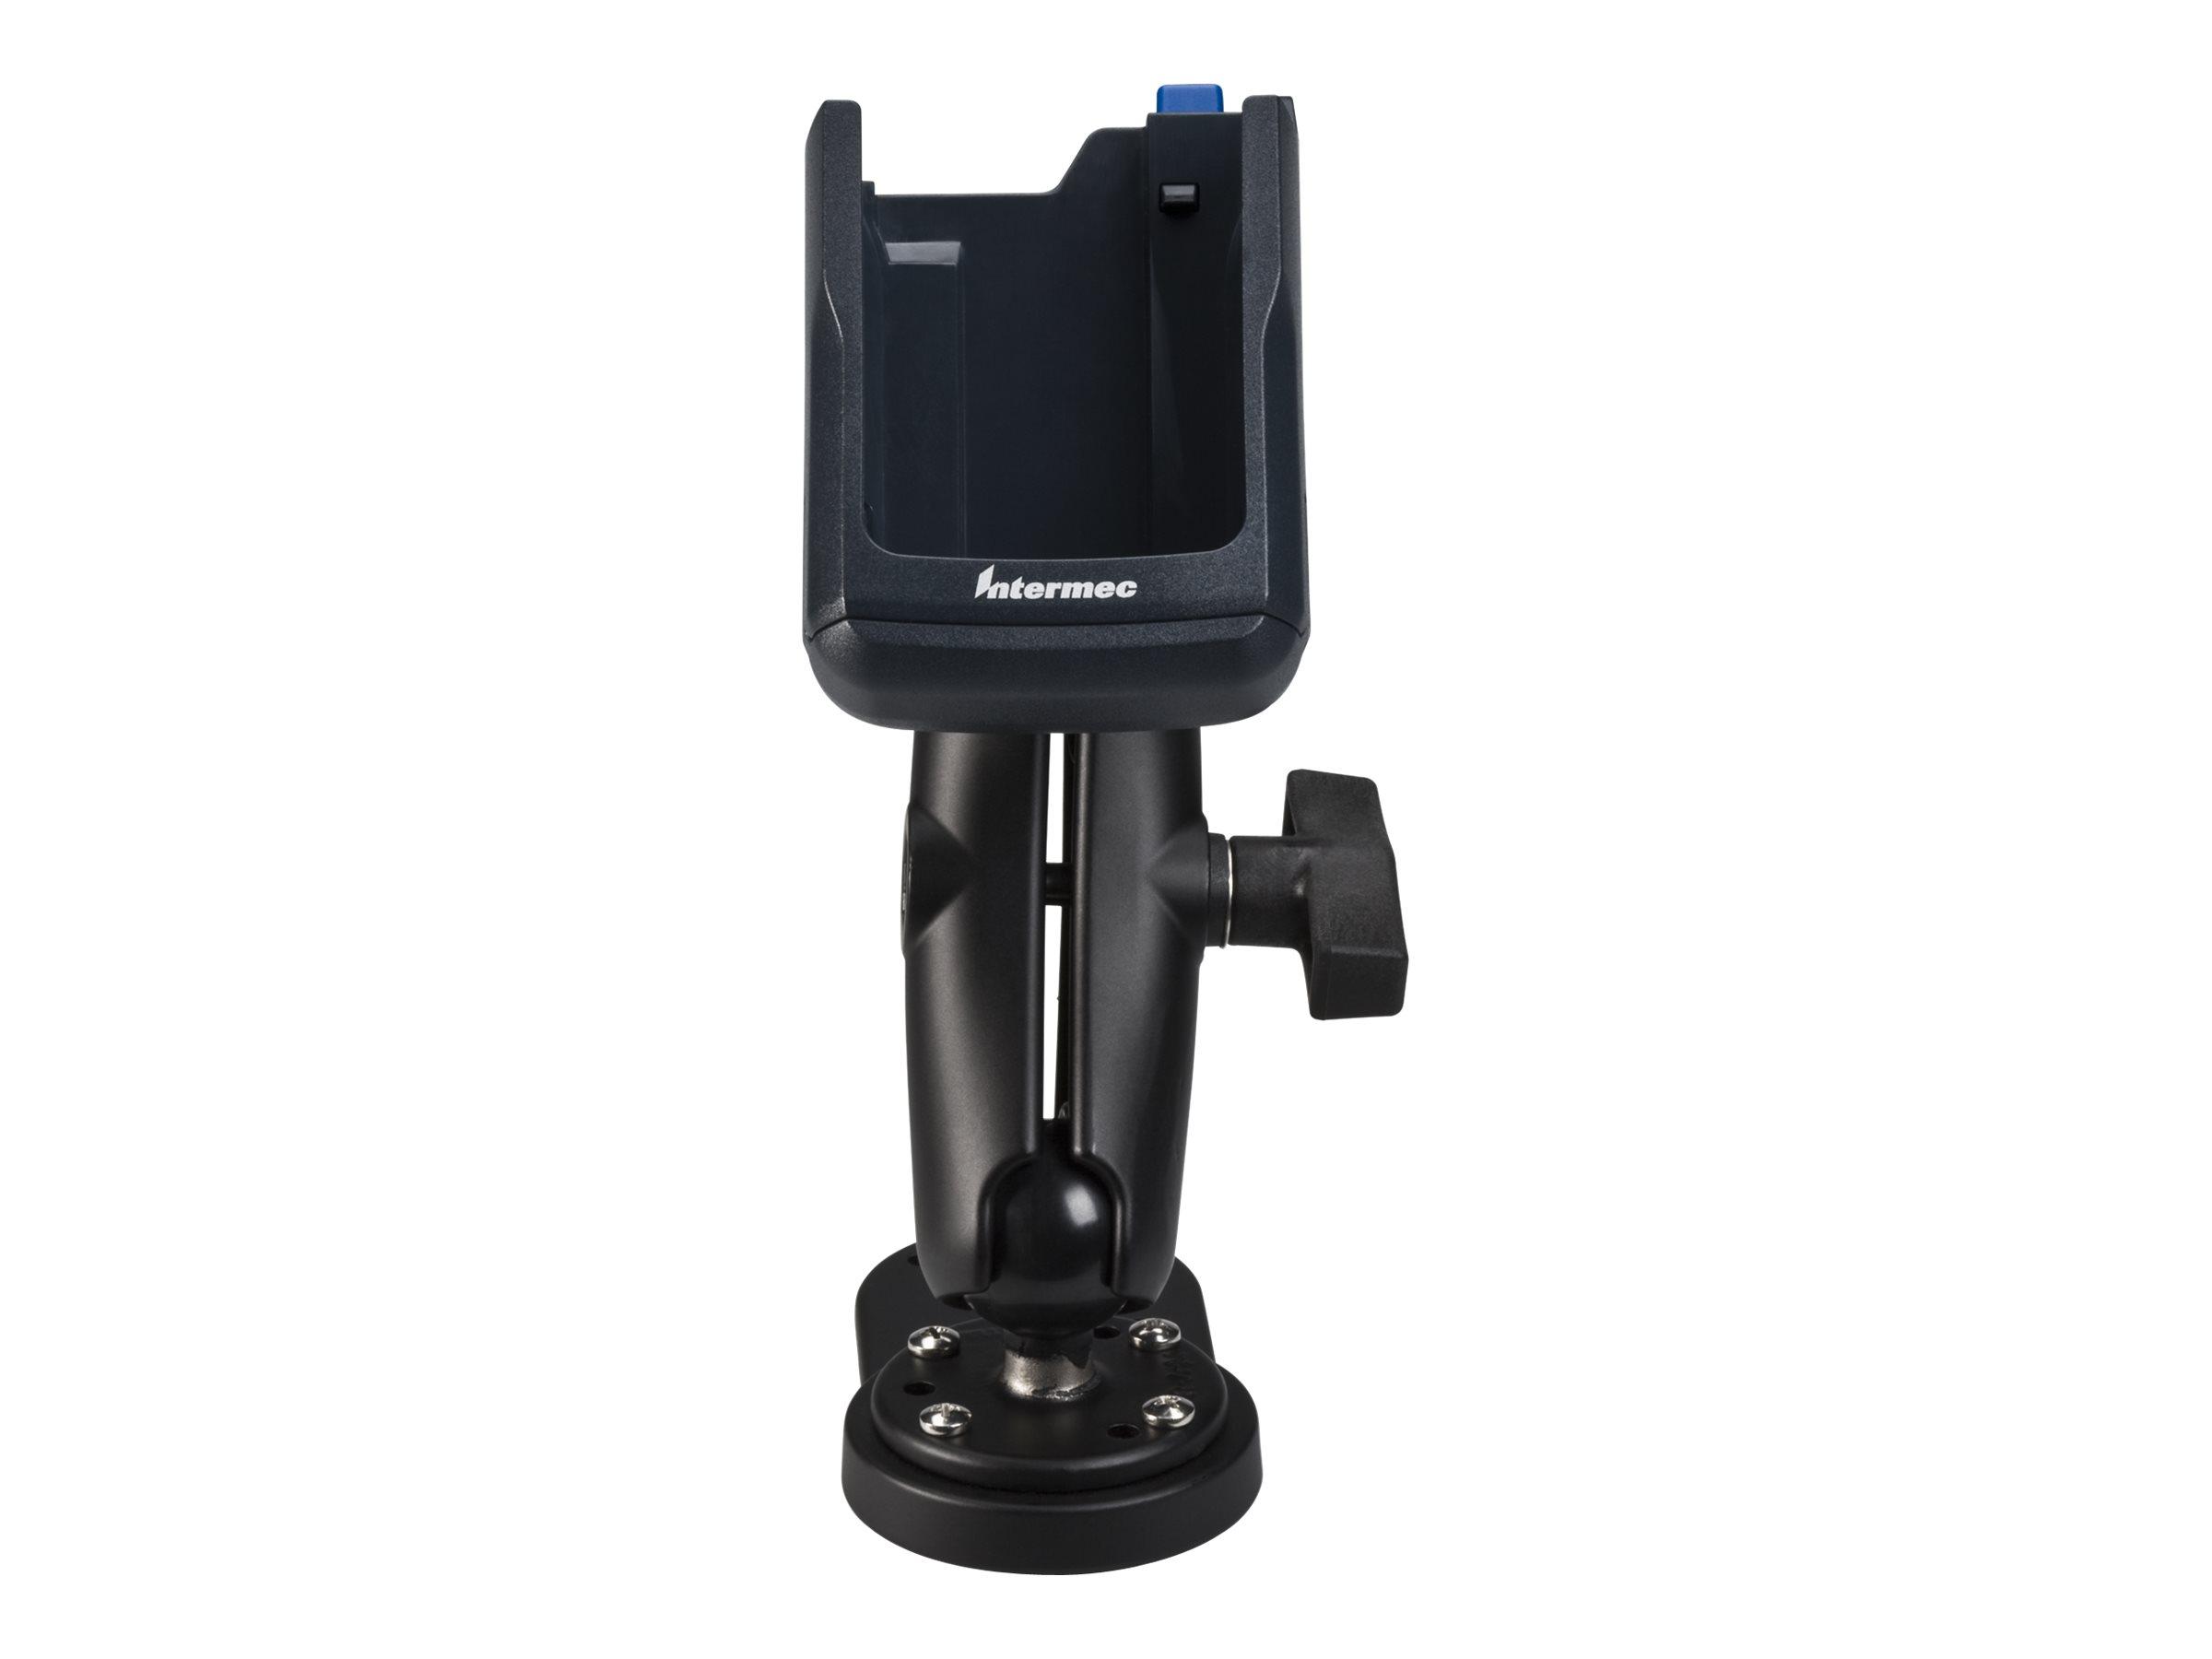 Intermec - Autohalterung für Handheld - für Intermec CN50